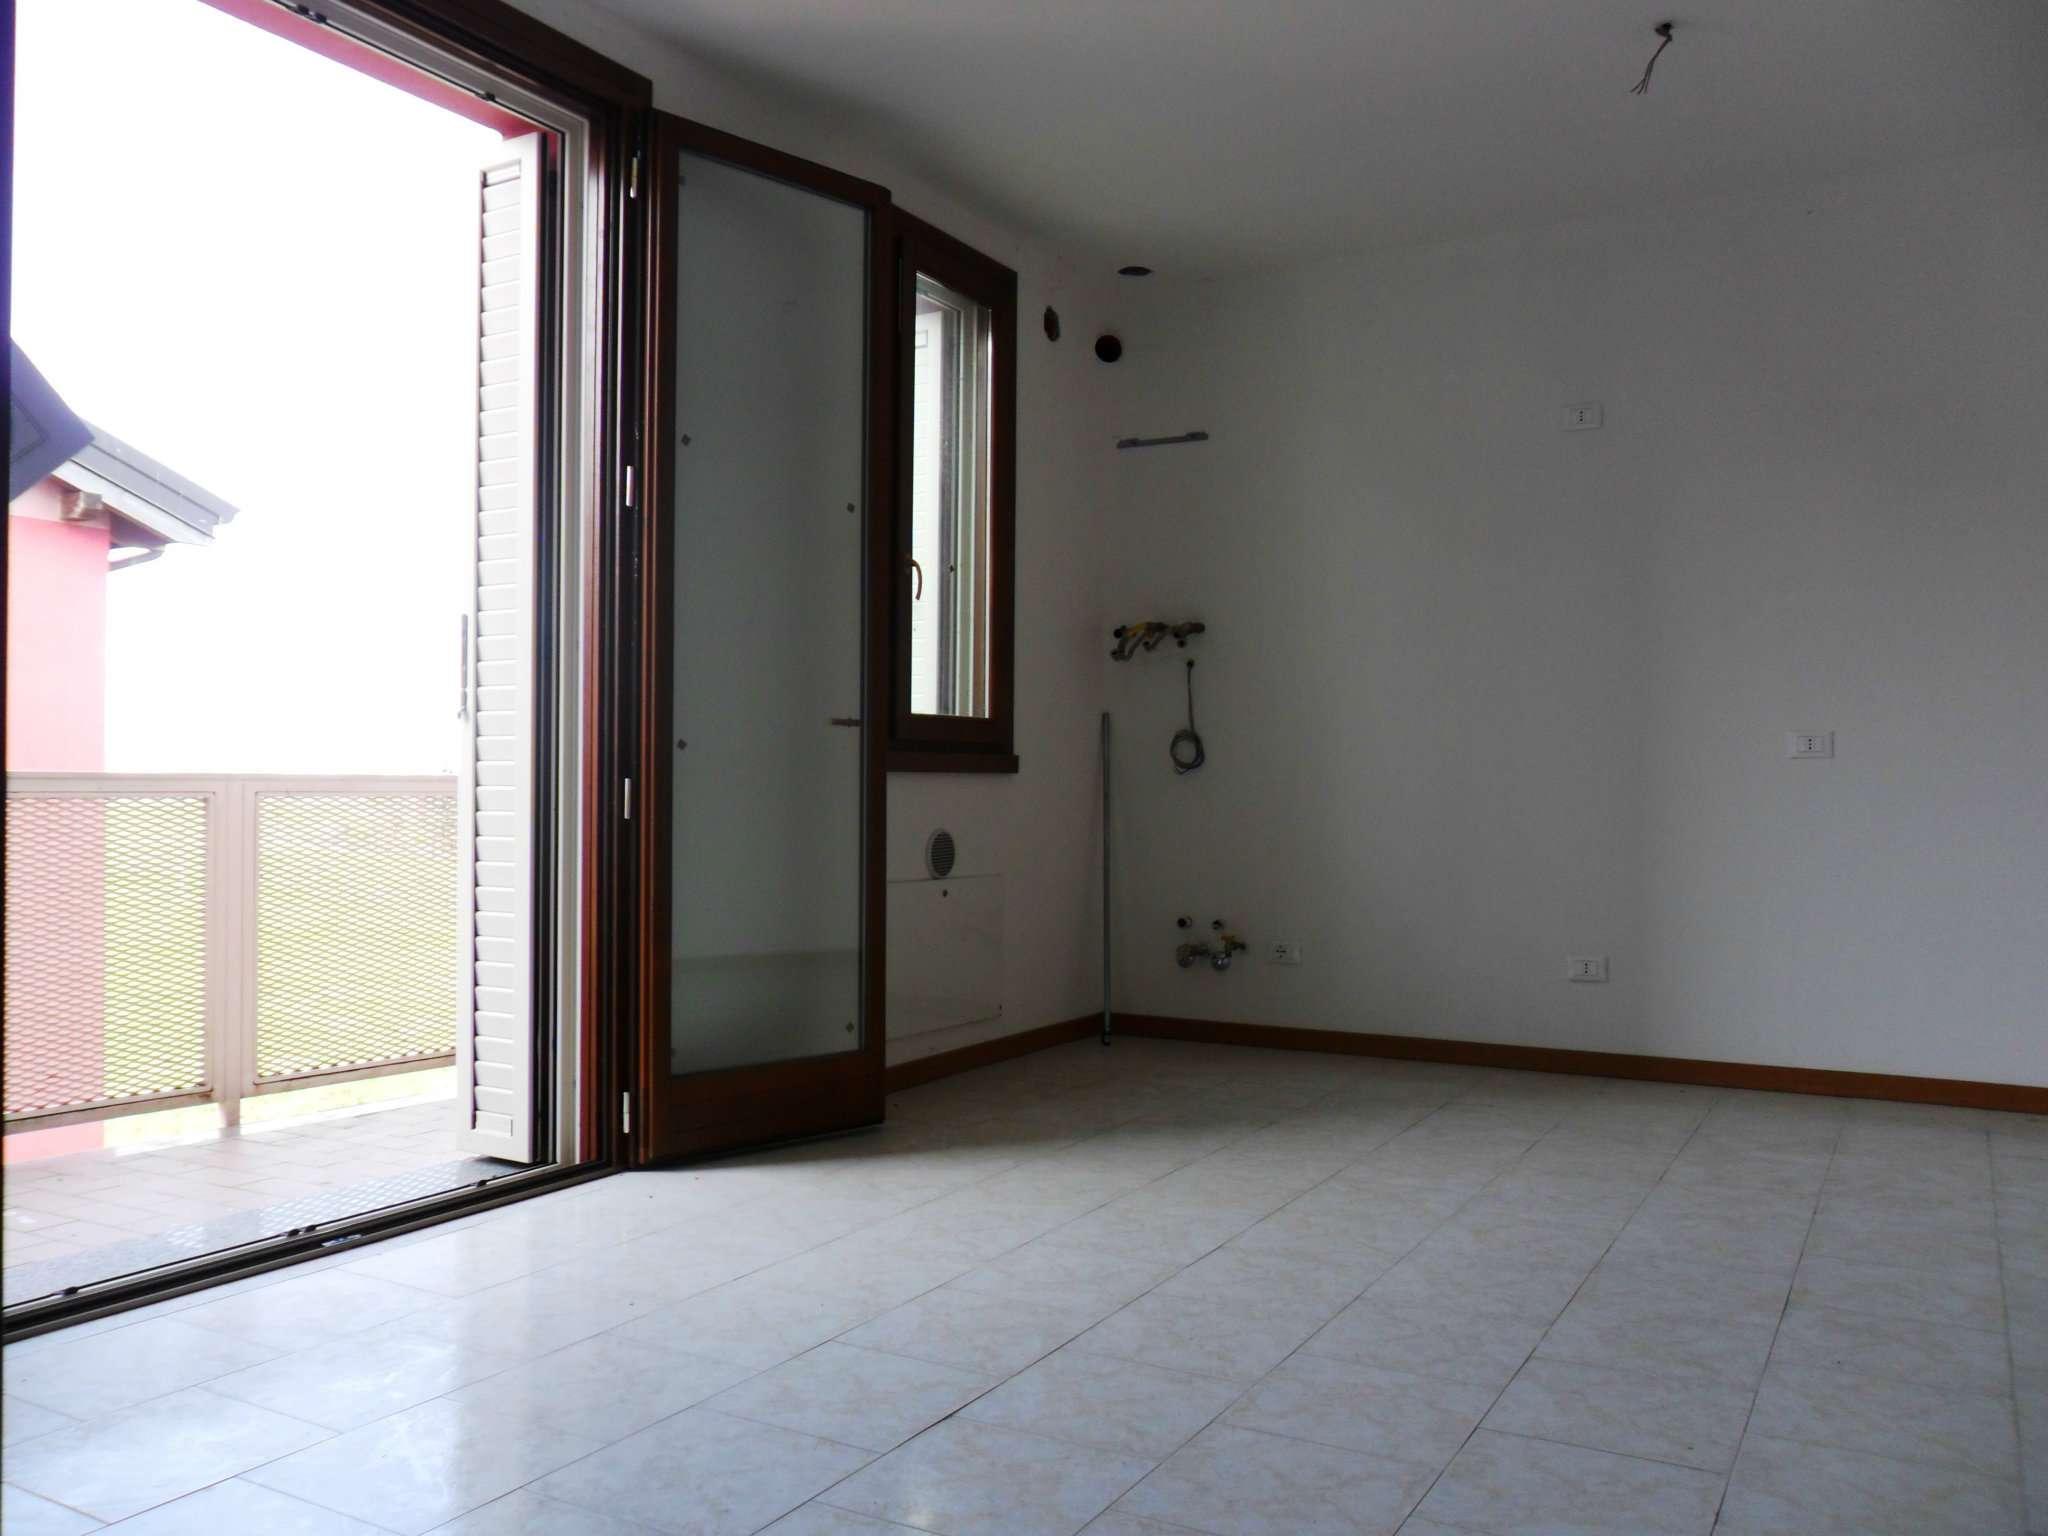 Appartamento in vendita a Fontevivo, 2 locali, prezzo € 128.000 | Cambio Casa.it